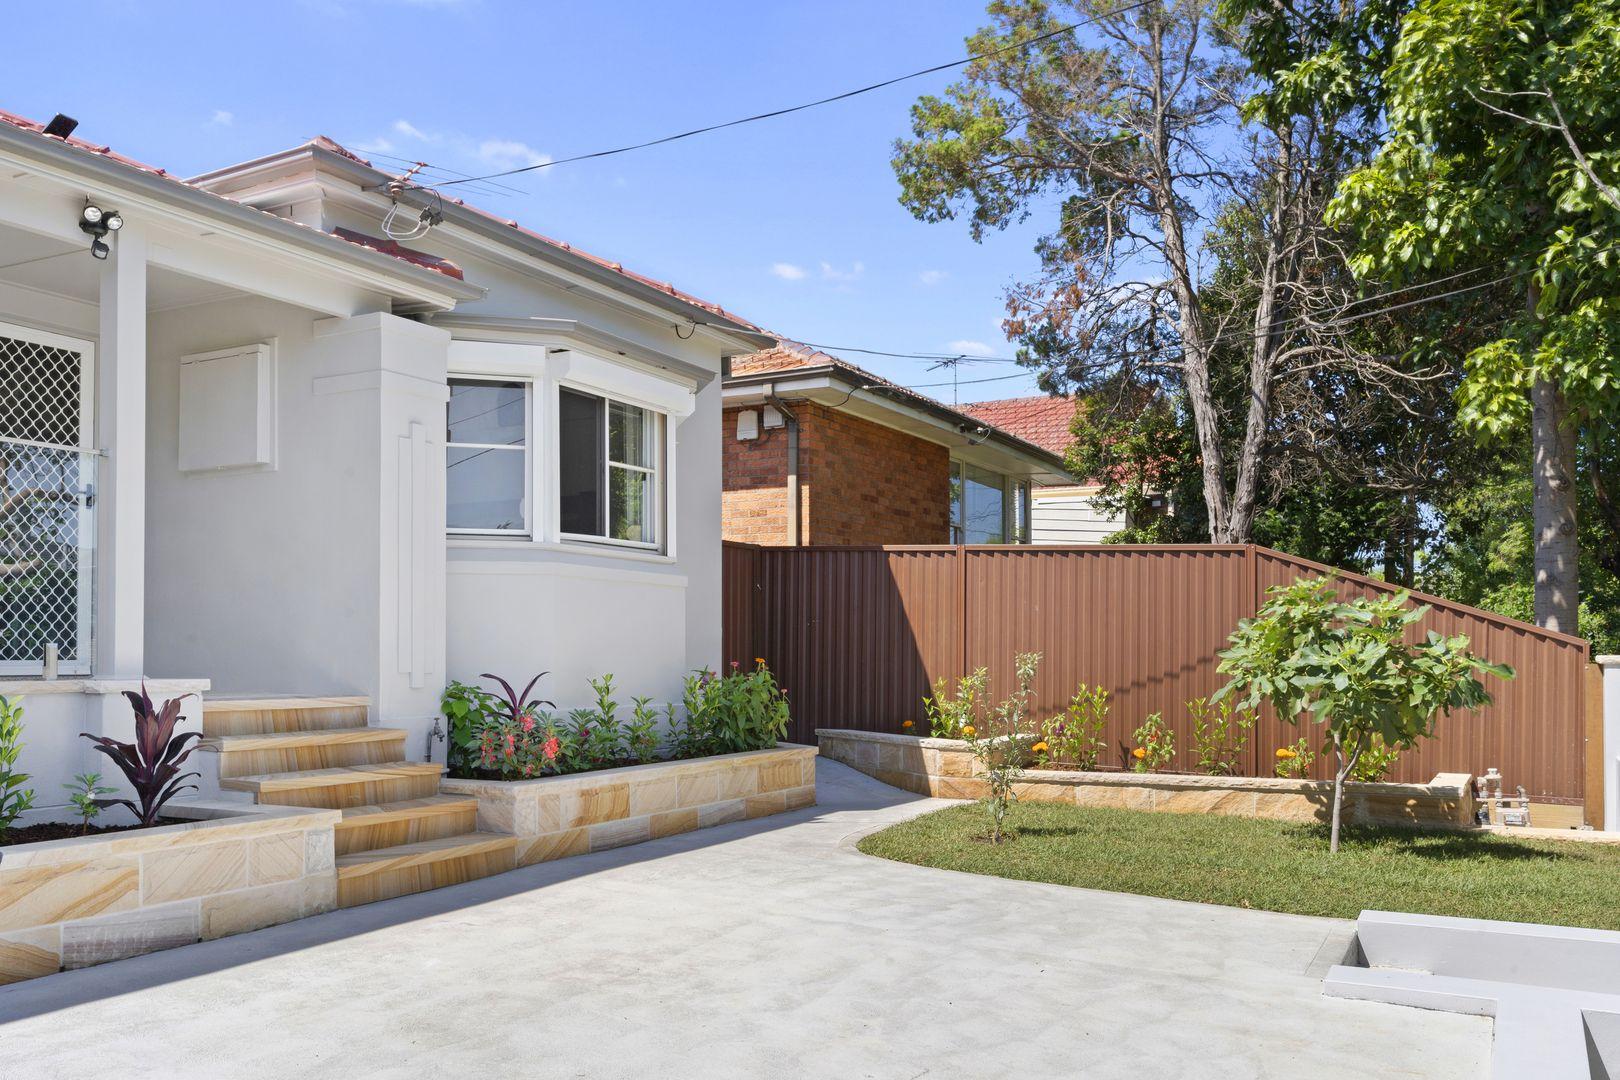 35 Dean Street, Strathfield South NSW 2136, Image 1